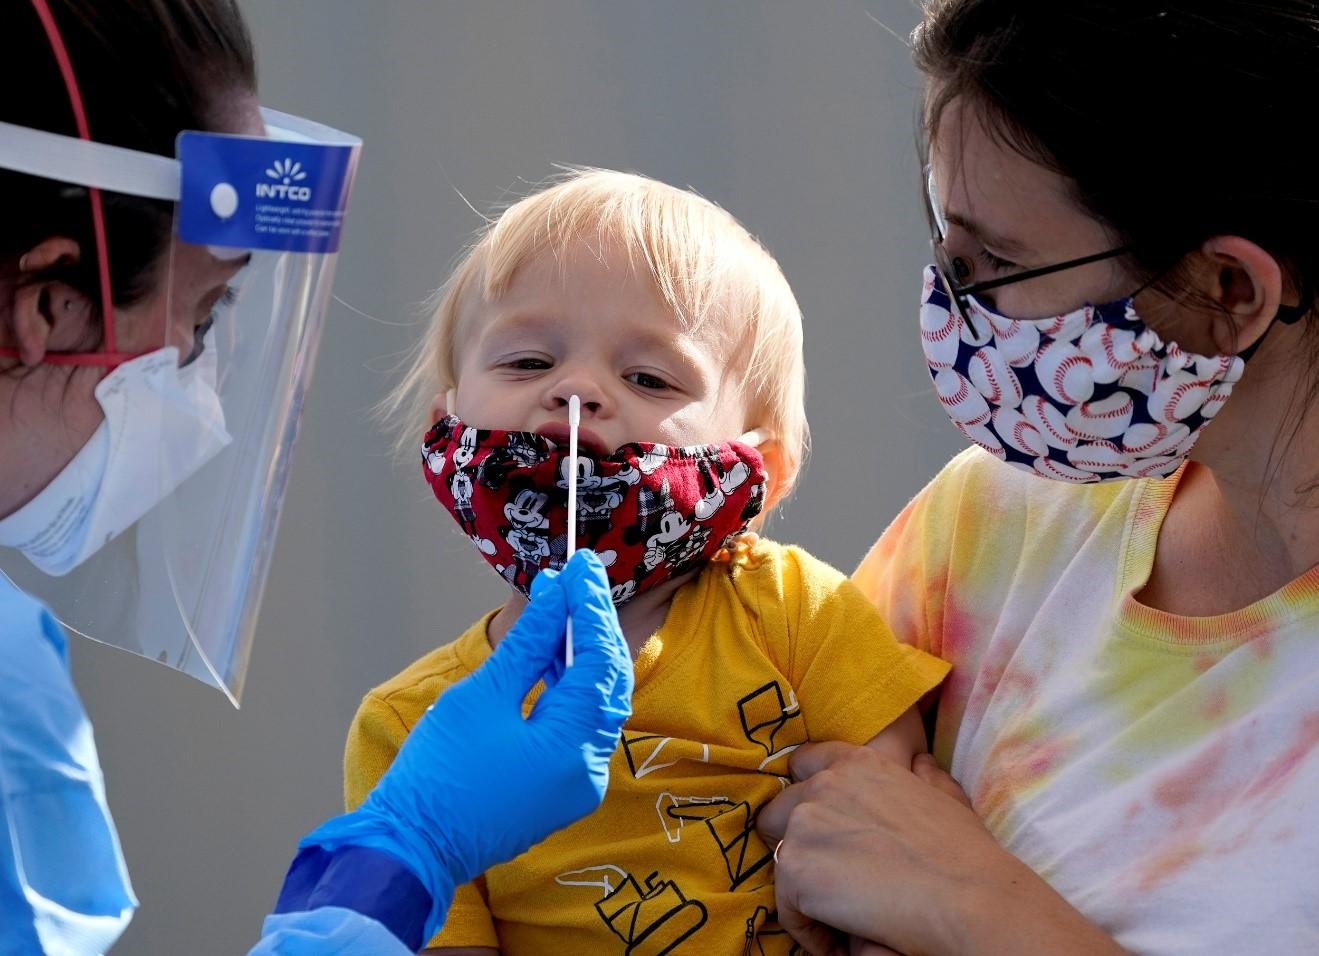 شناسایی نوعی بیومارکر مرتبط با بیماری COVID-19 در کودکان